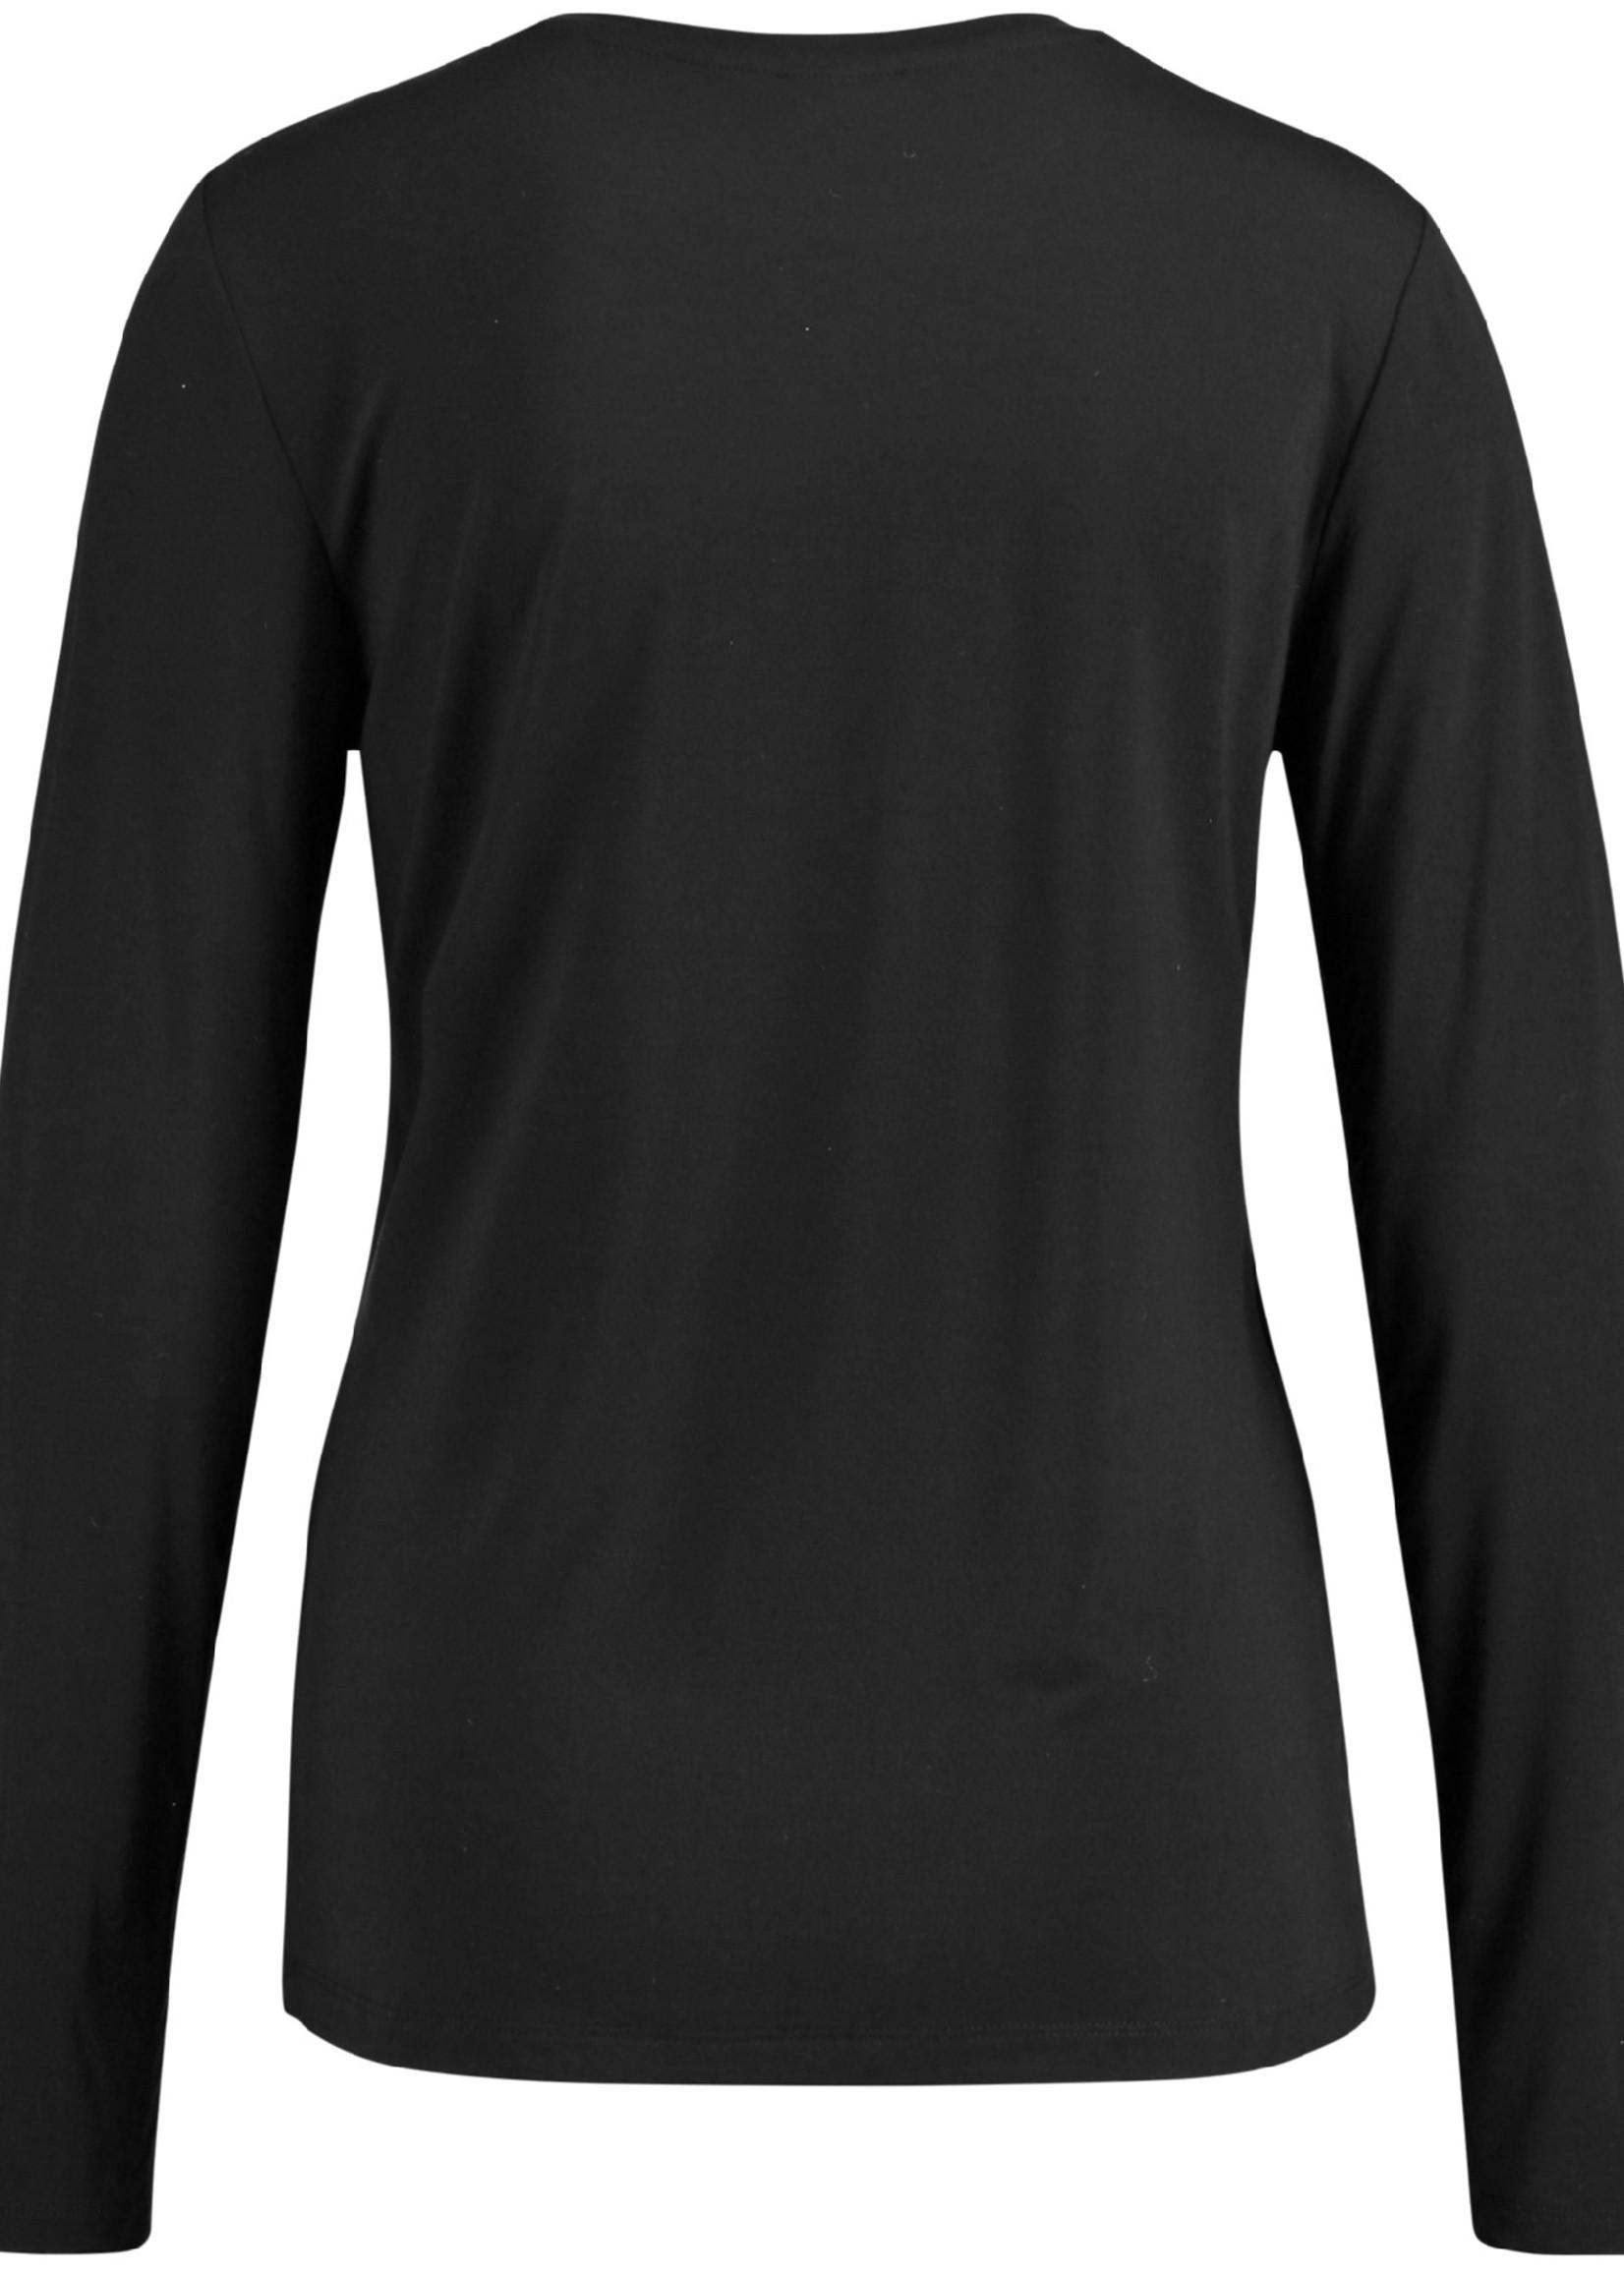 GERRY WEBER Gerry Weber T-shirt lange mouw